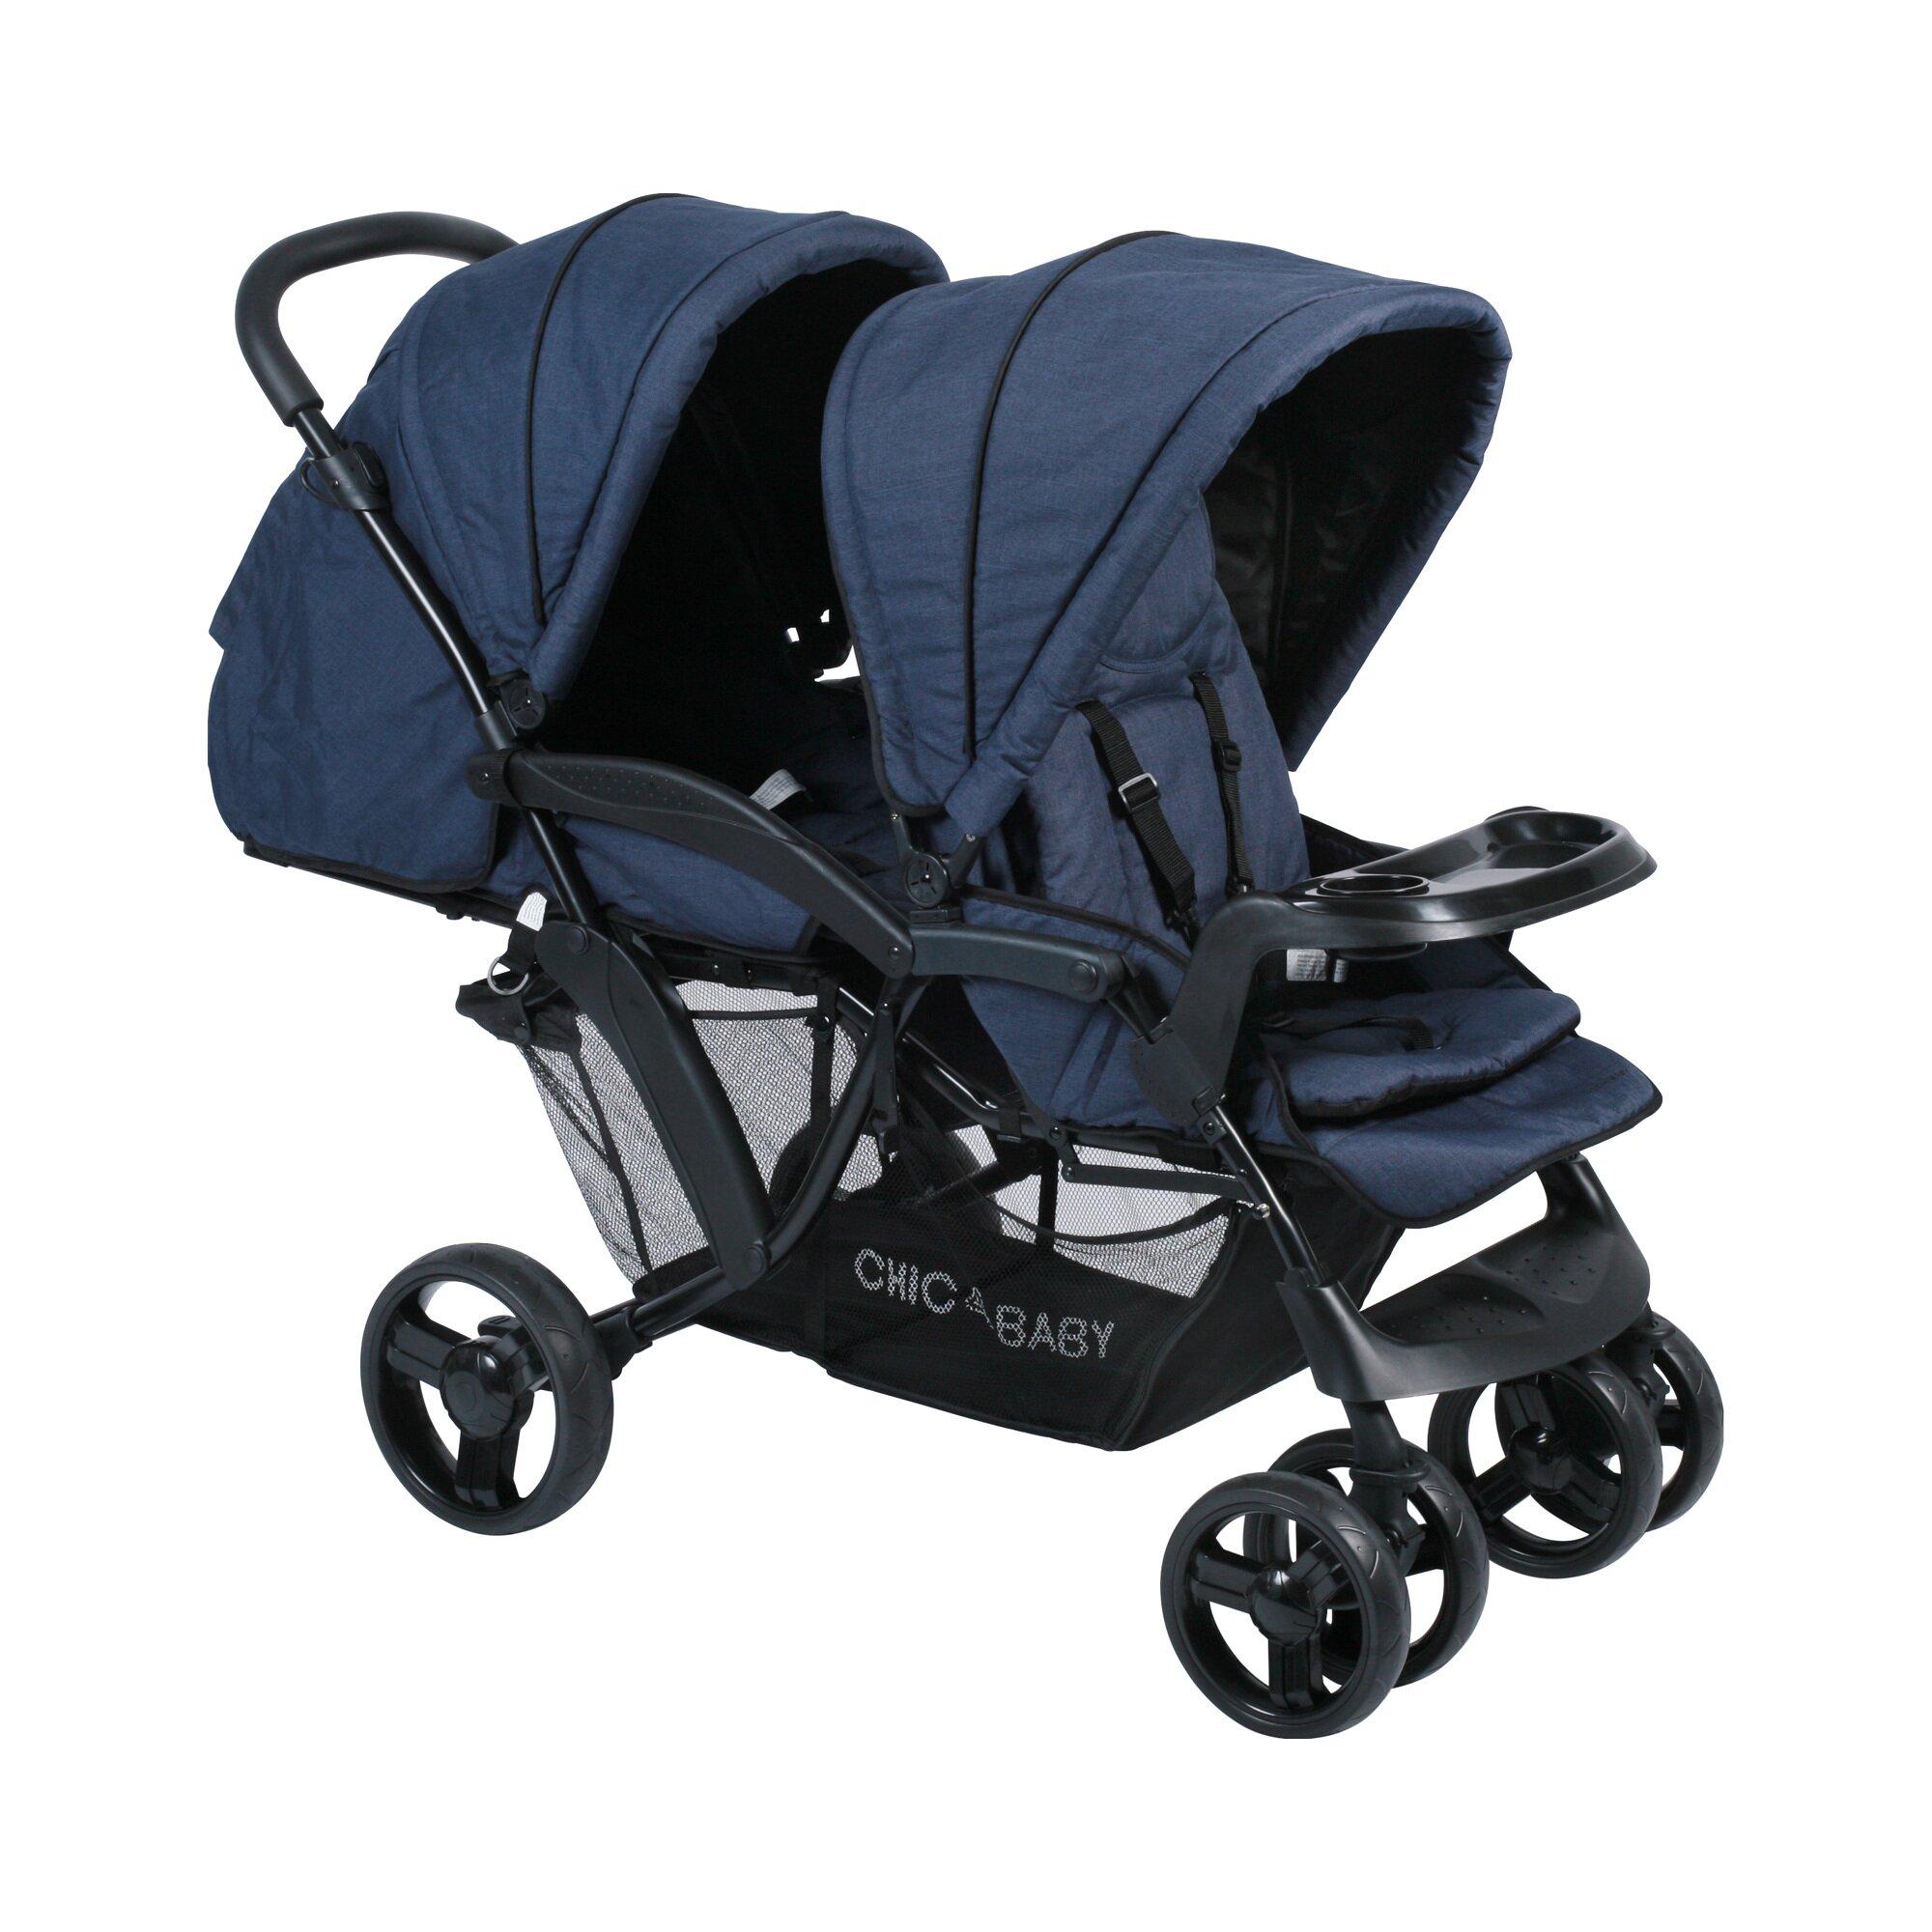 Chic 4 Baby Doppio Zwillings- und Kinderwagen Geschwisterwagen blau